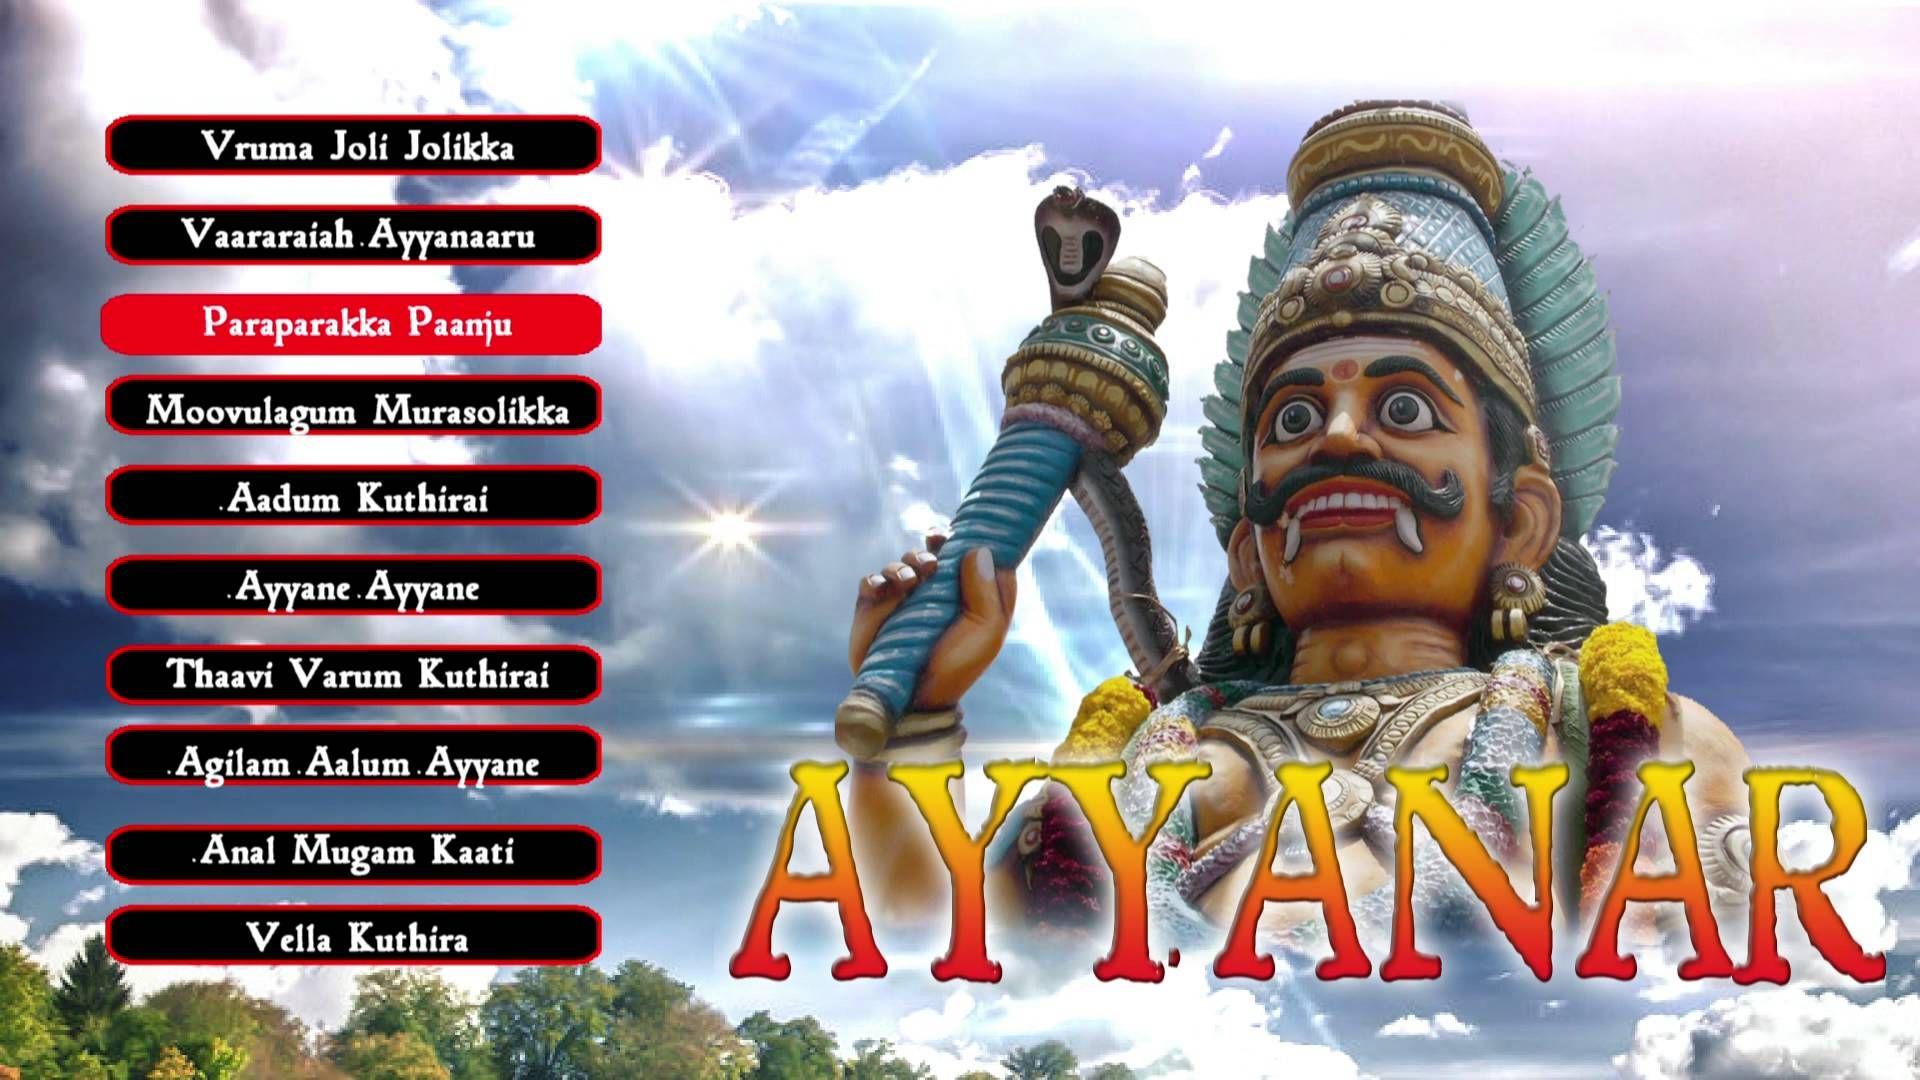 Kavel Deivam Ayyanar Devotional Songs Non Stop Jukebox Devotional Songs Songs Devotions